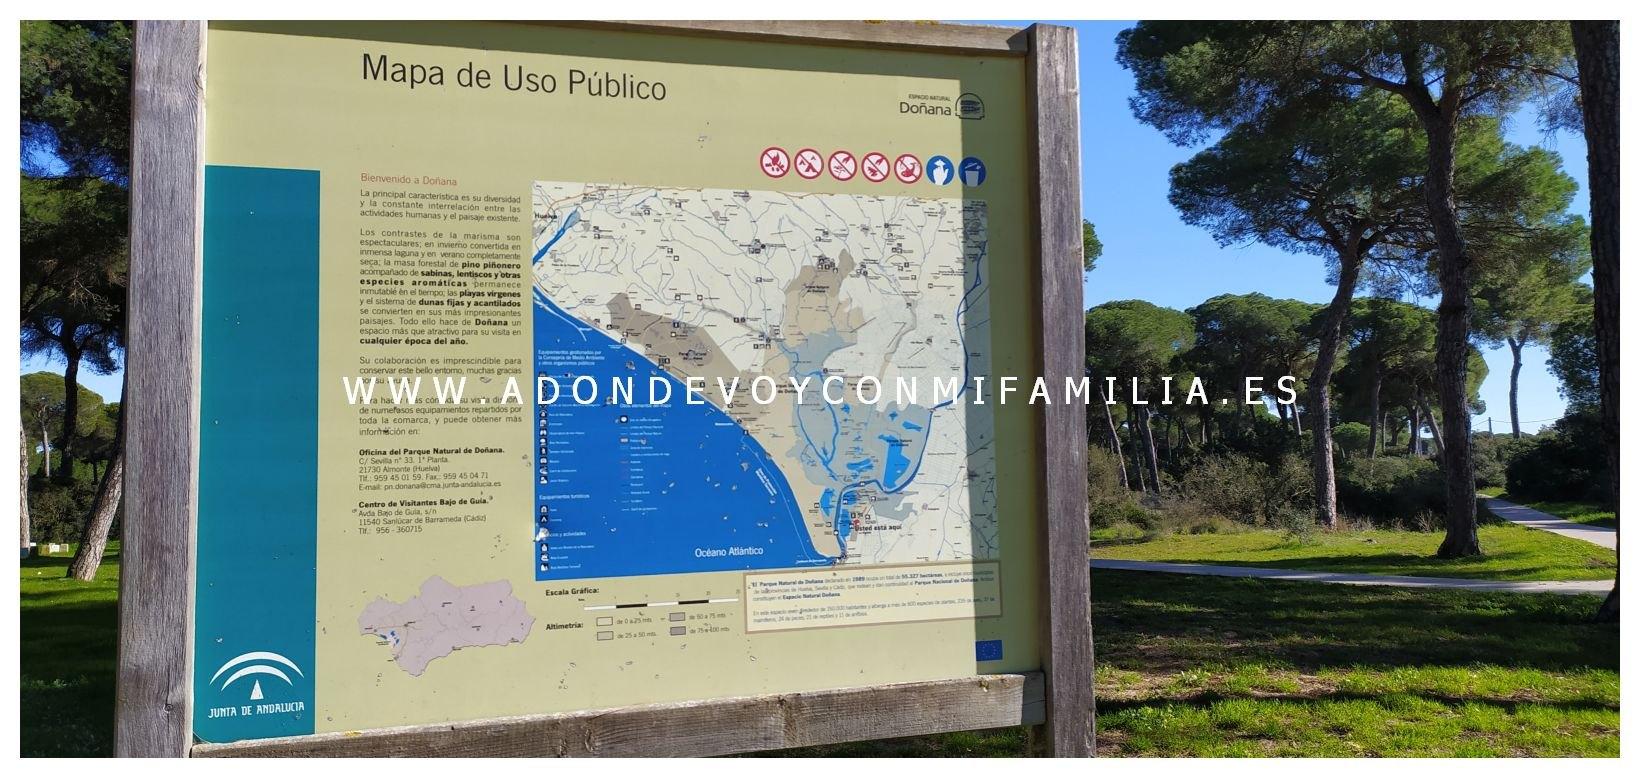 sendero-cerro-del-aguila-pinar-de-la-algaida-sanlucar-adondevoyconmifamilia-28